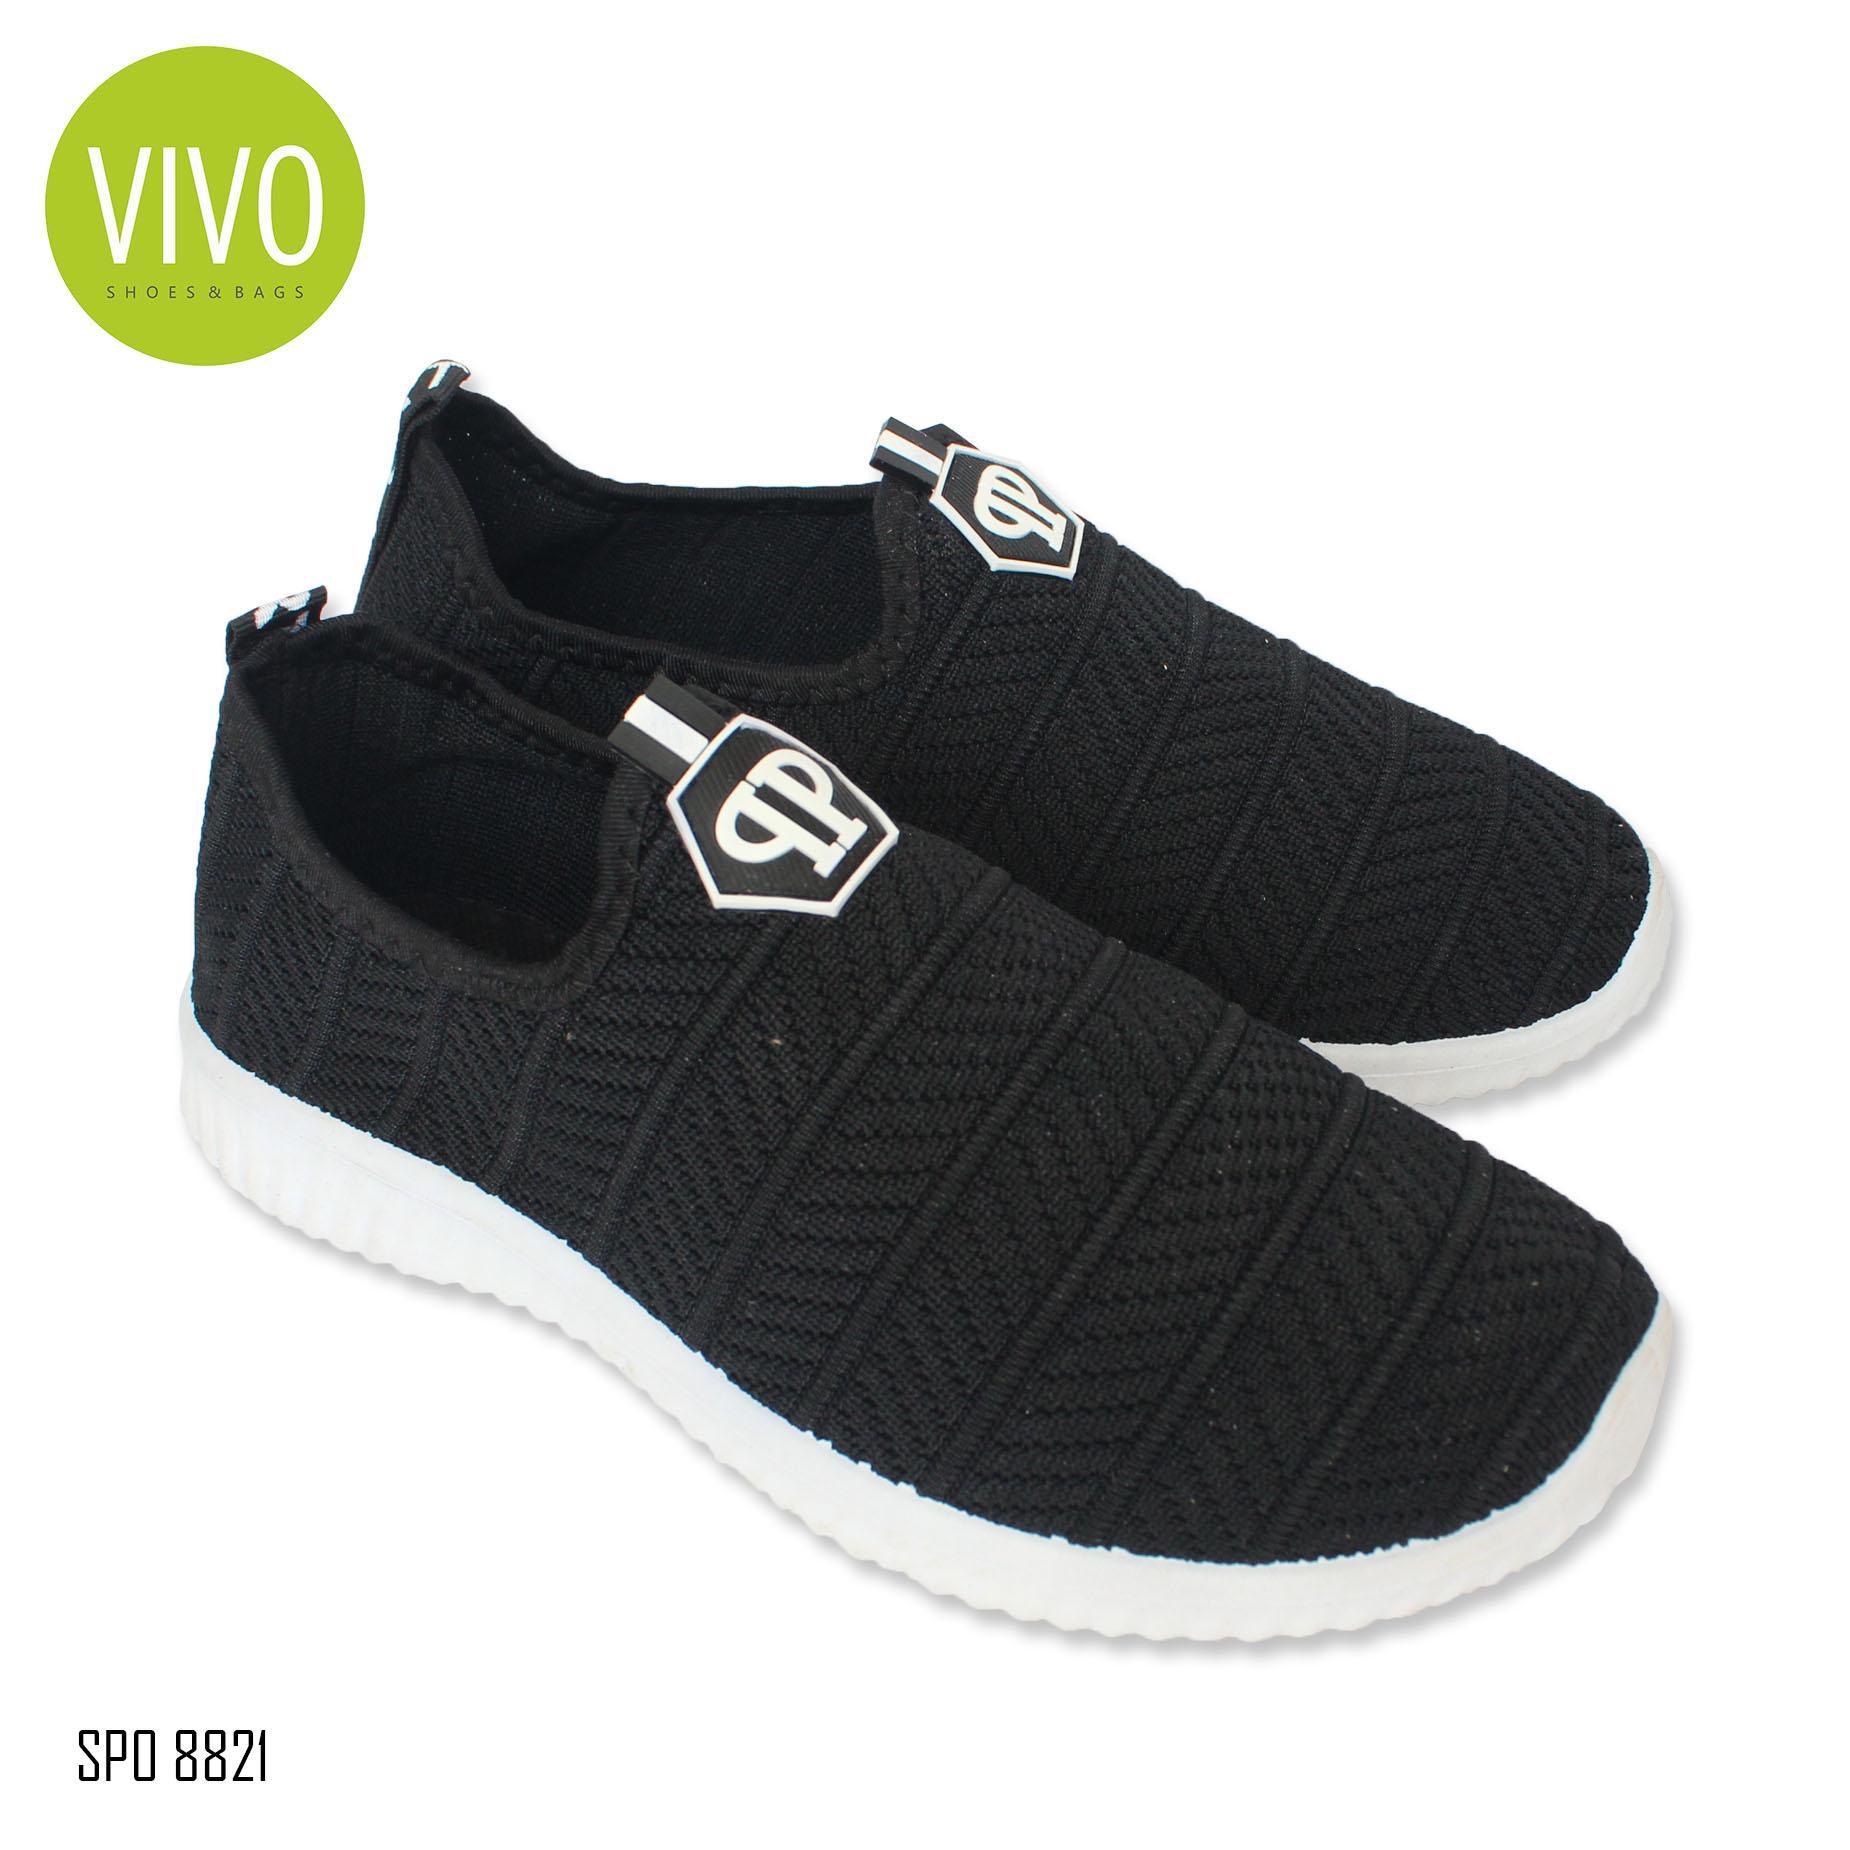 Vivo Fashion Sepatu Casual Pria/Sepatu Slip On Pria/Sepatu Sneakers Pria SP08821 -